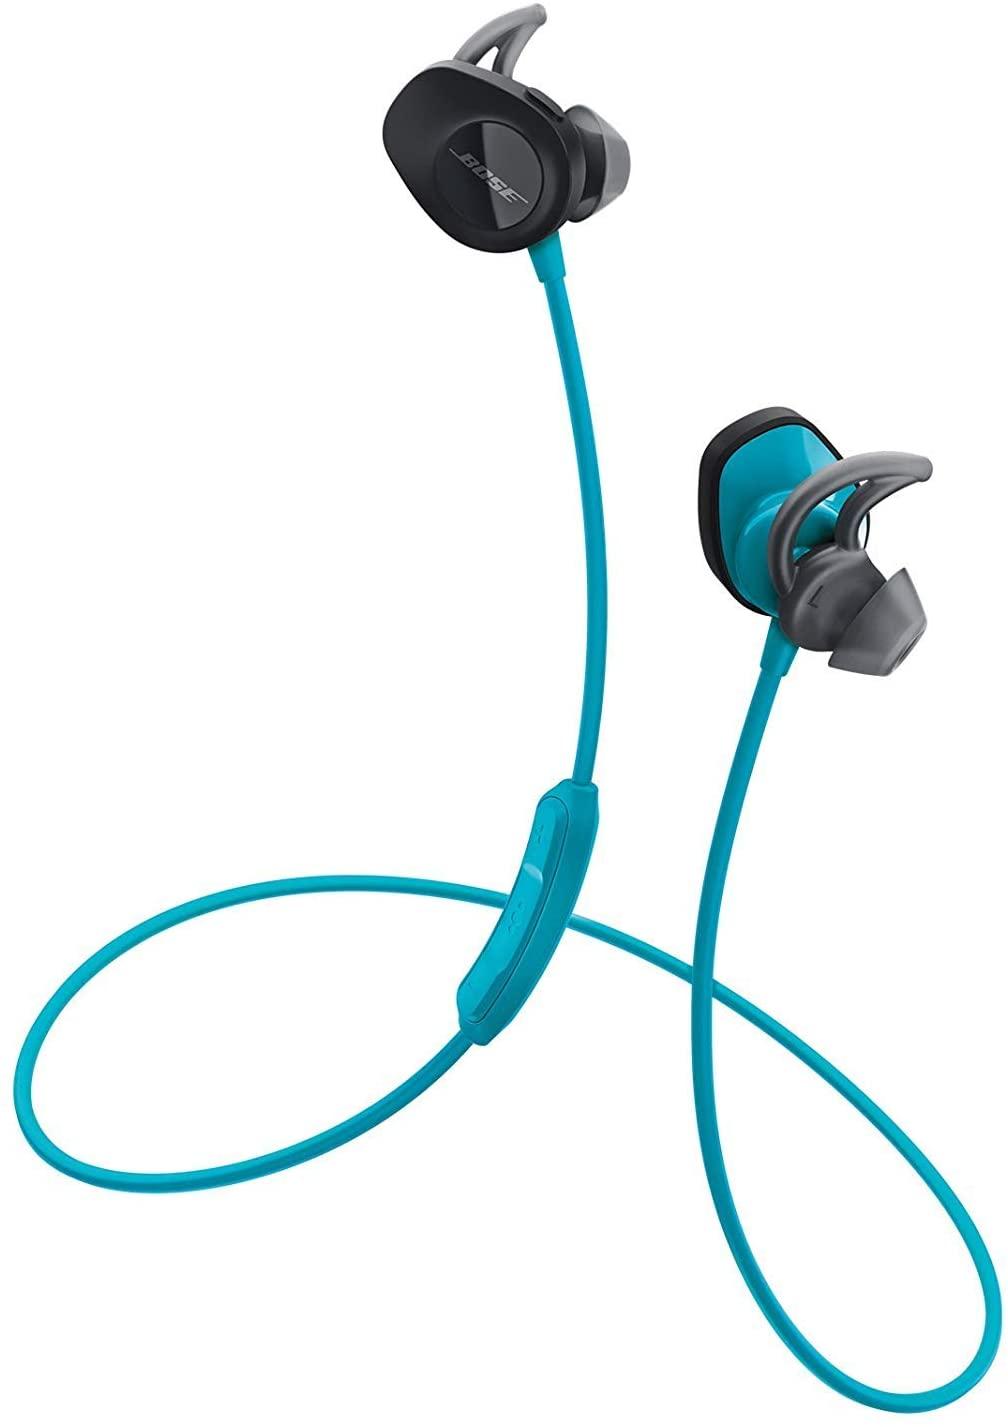 Bose SoundSport Wireless, audífonos inalámbricos resistentes al agua - Color azul